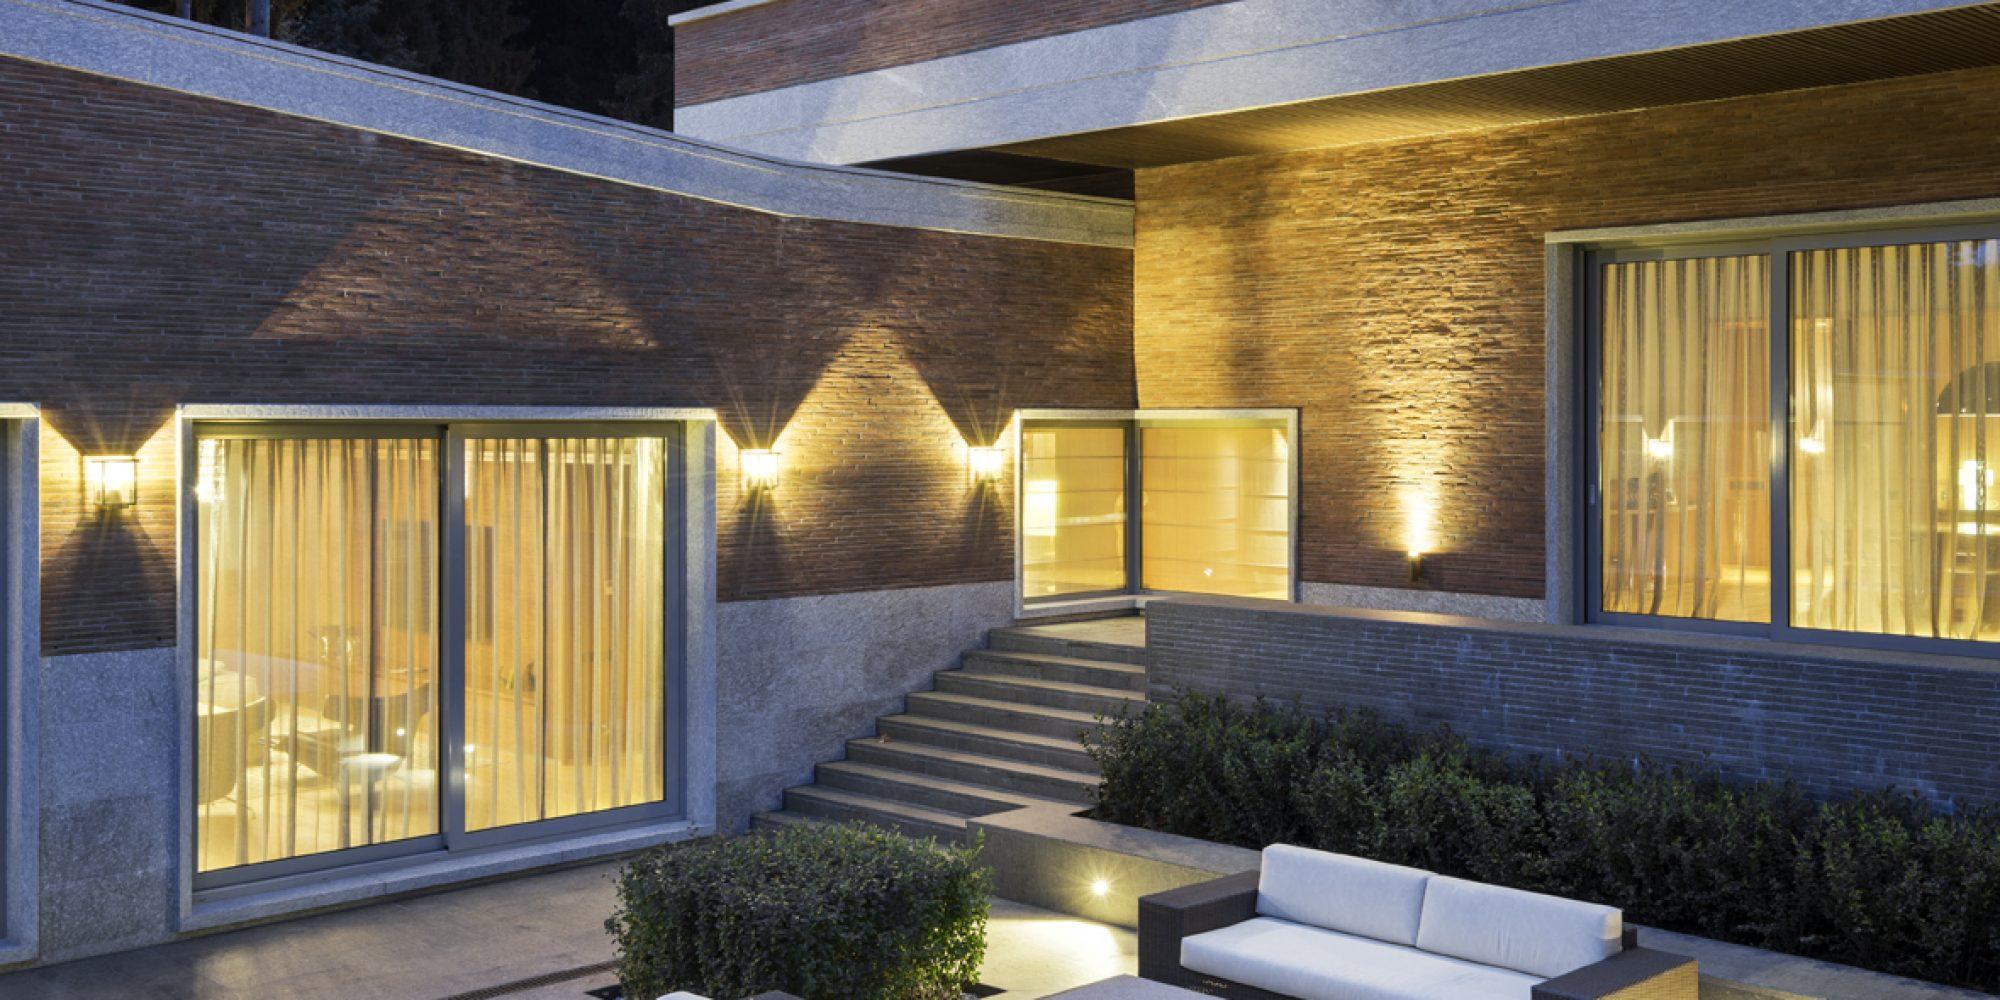 07-villa privata Mosca- Raboni architetti-pollice Illuminazione